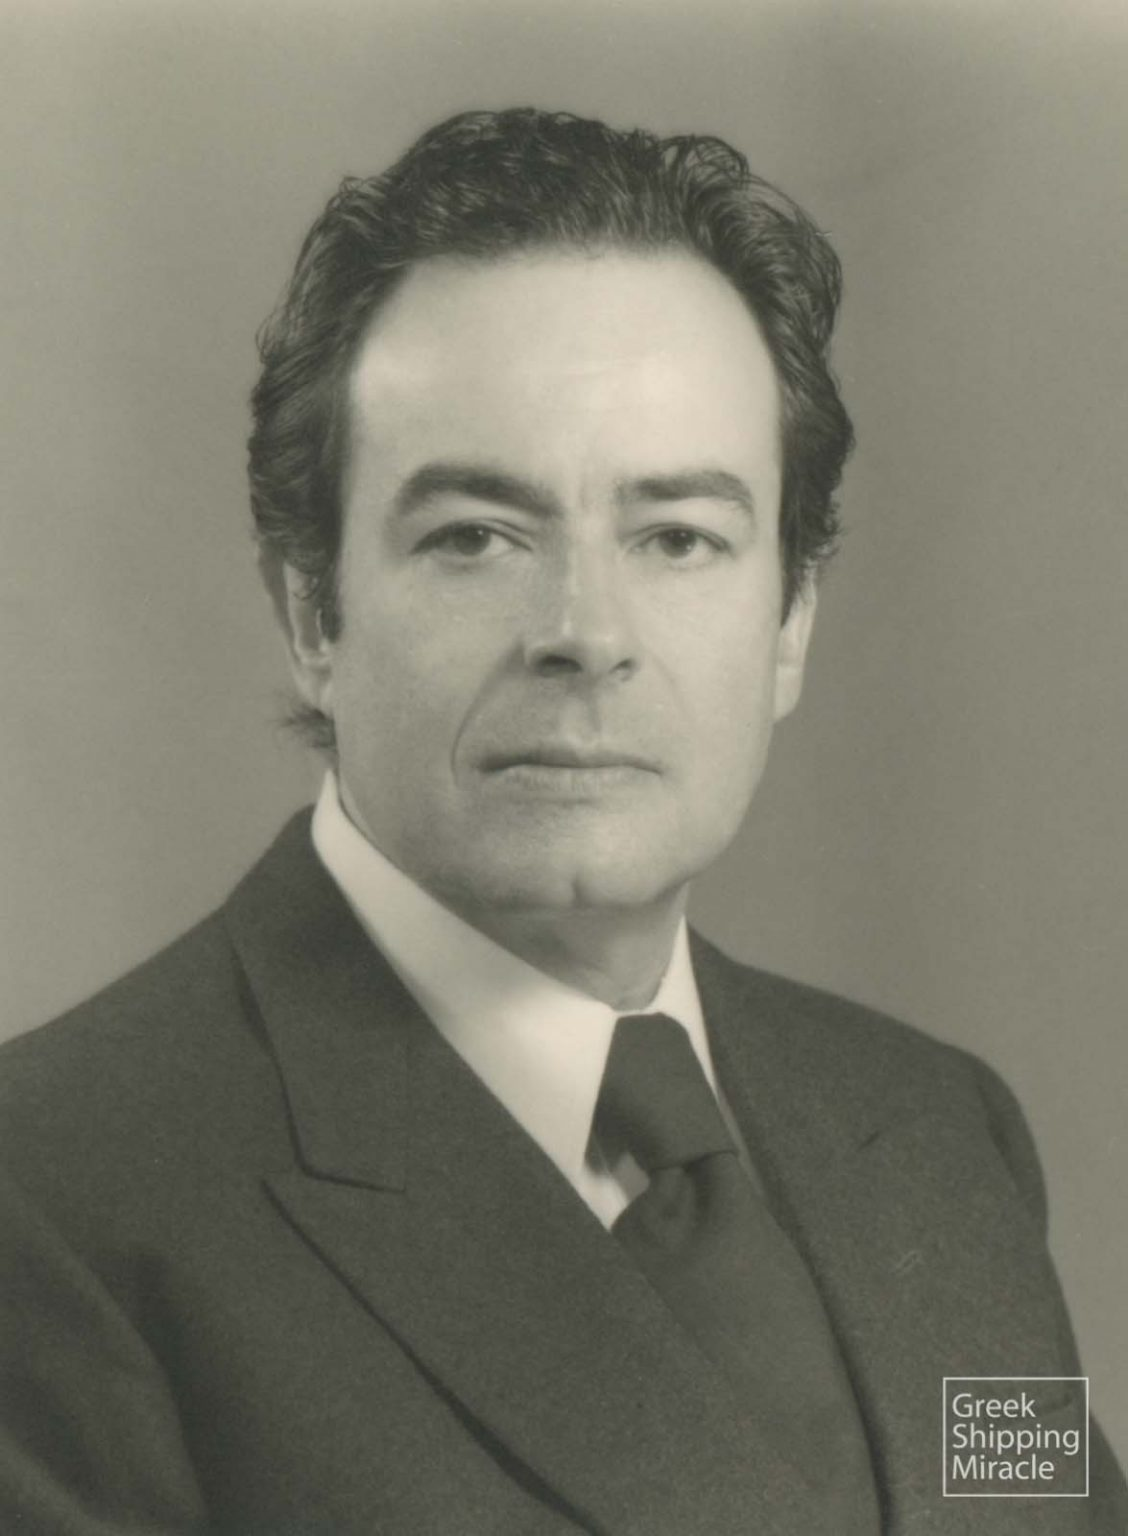 George Empirikos